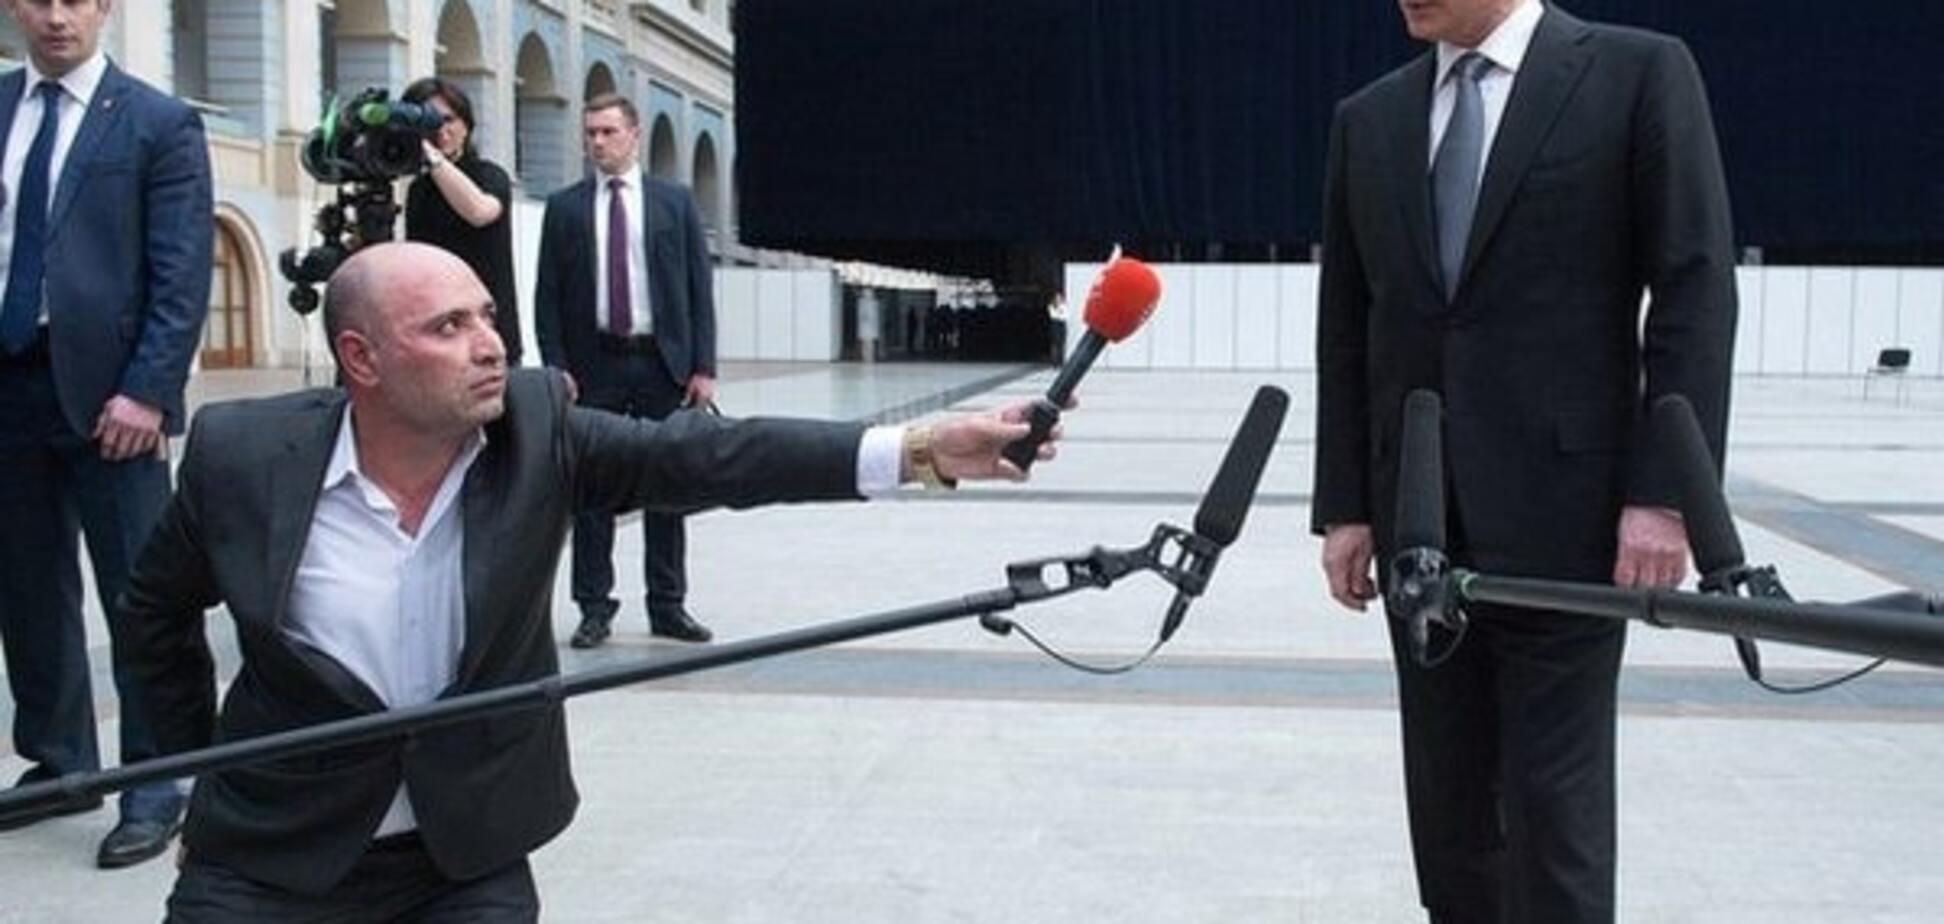 На коліна: мережа висміяла підлабузництво журналіста перед Путіним